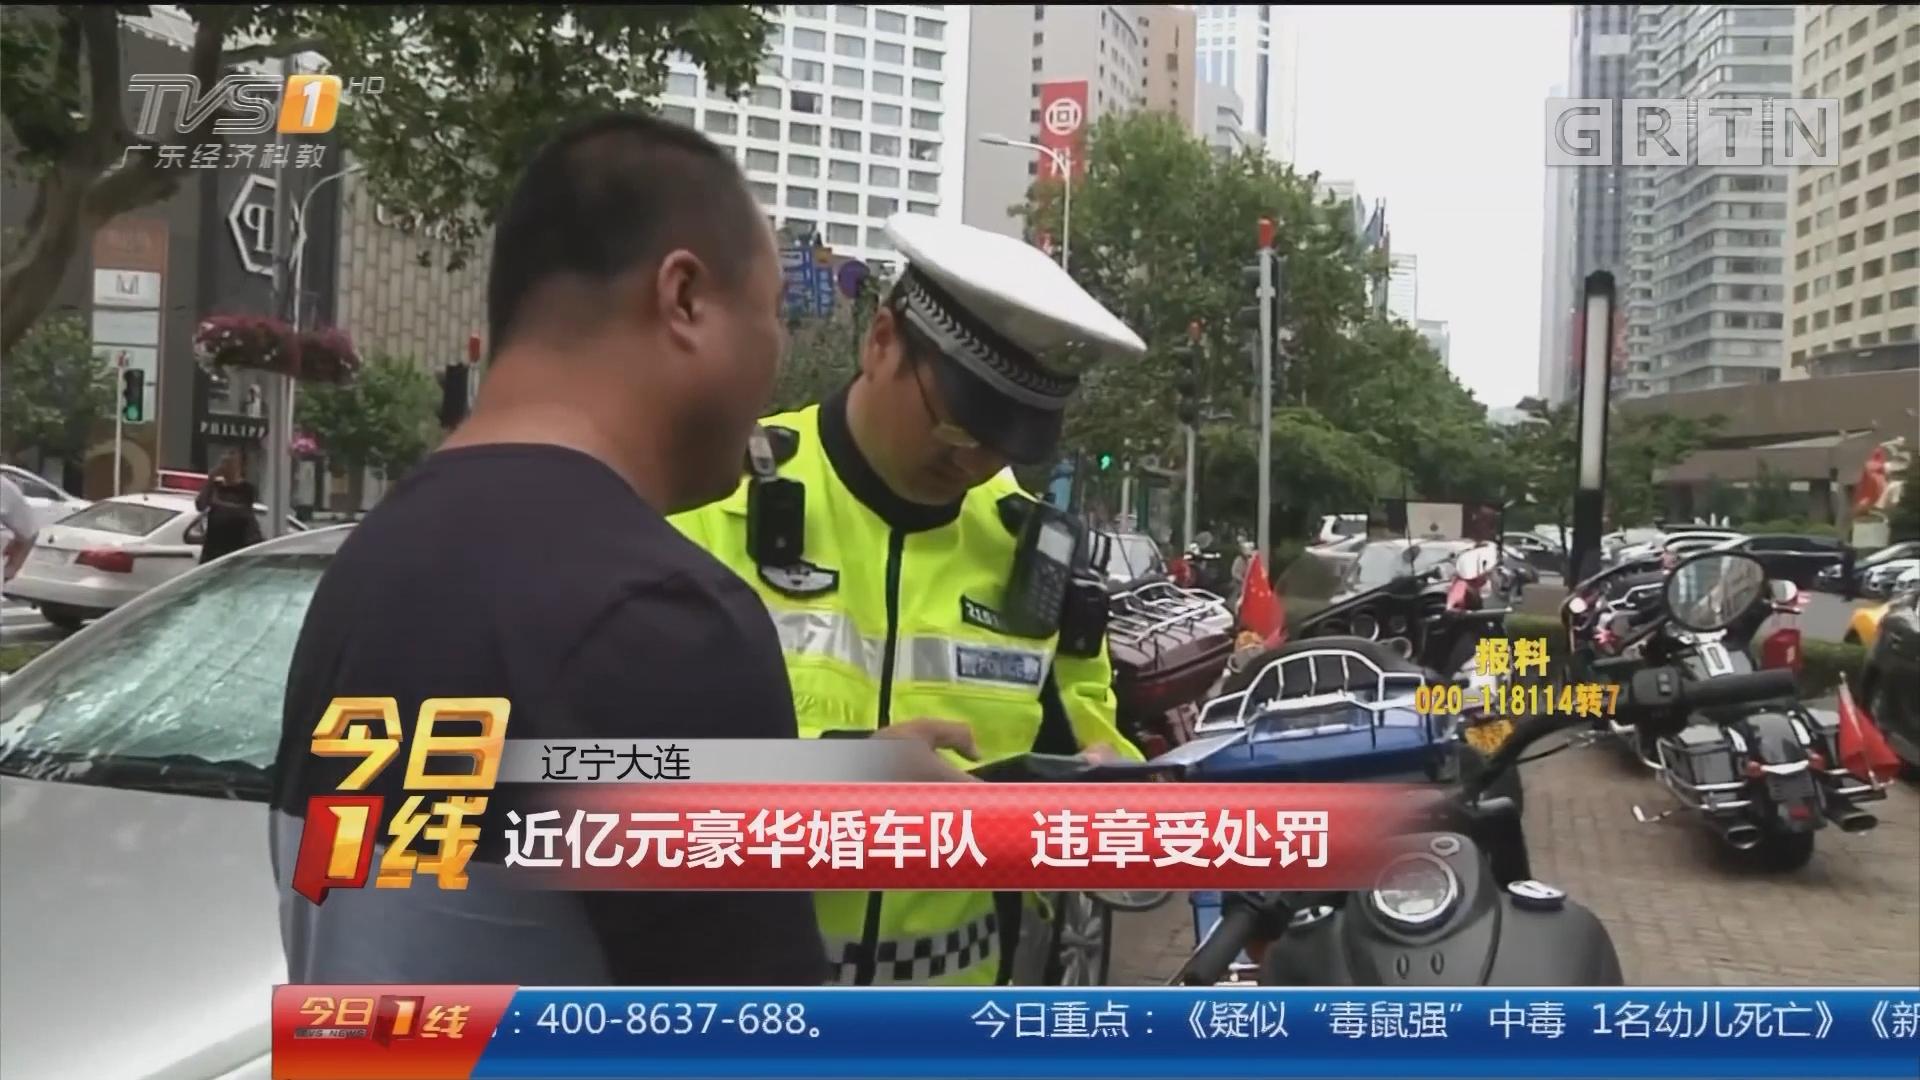 辽宁大连:近亿元豪华婚车队 违章受处罚